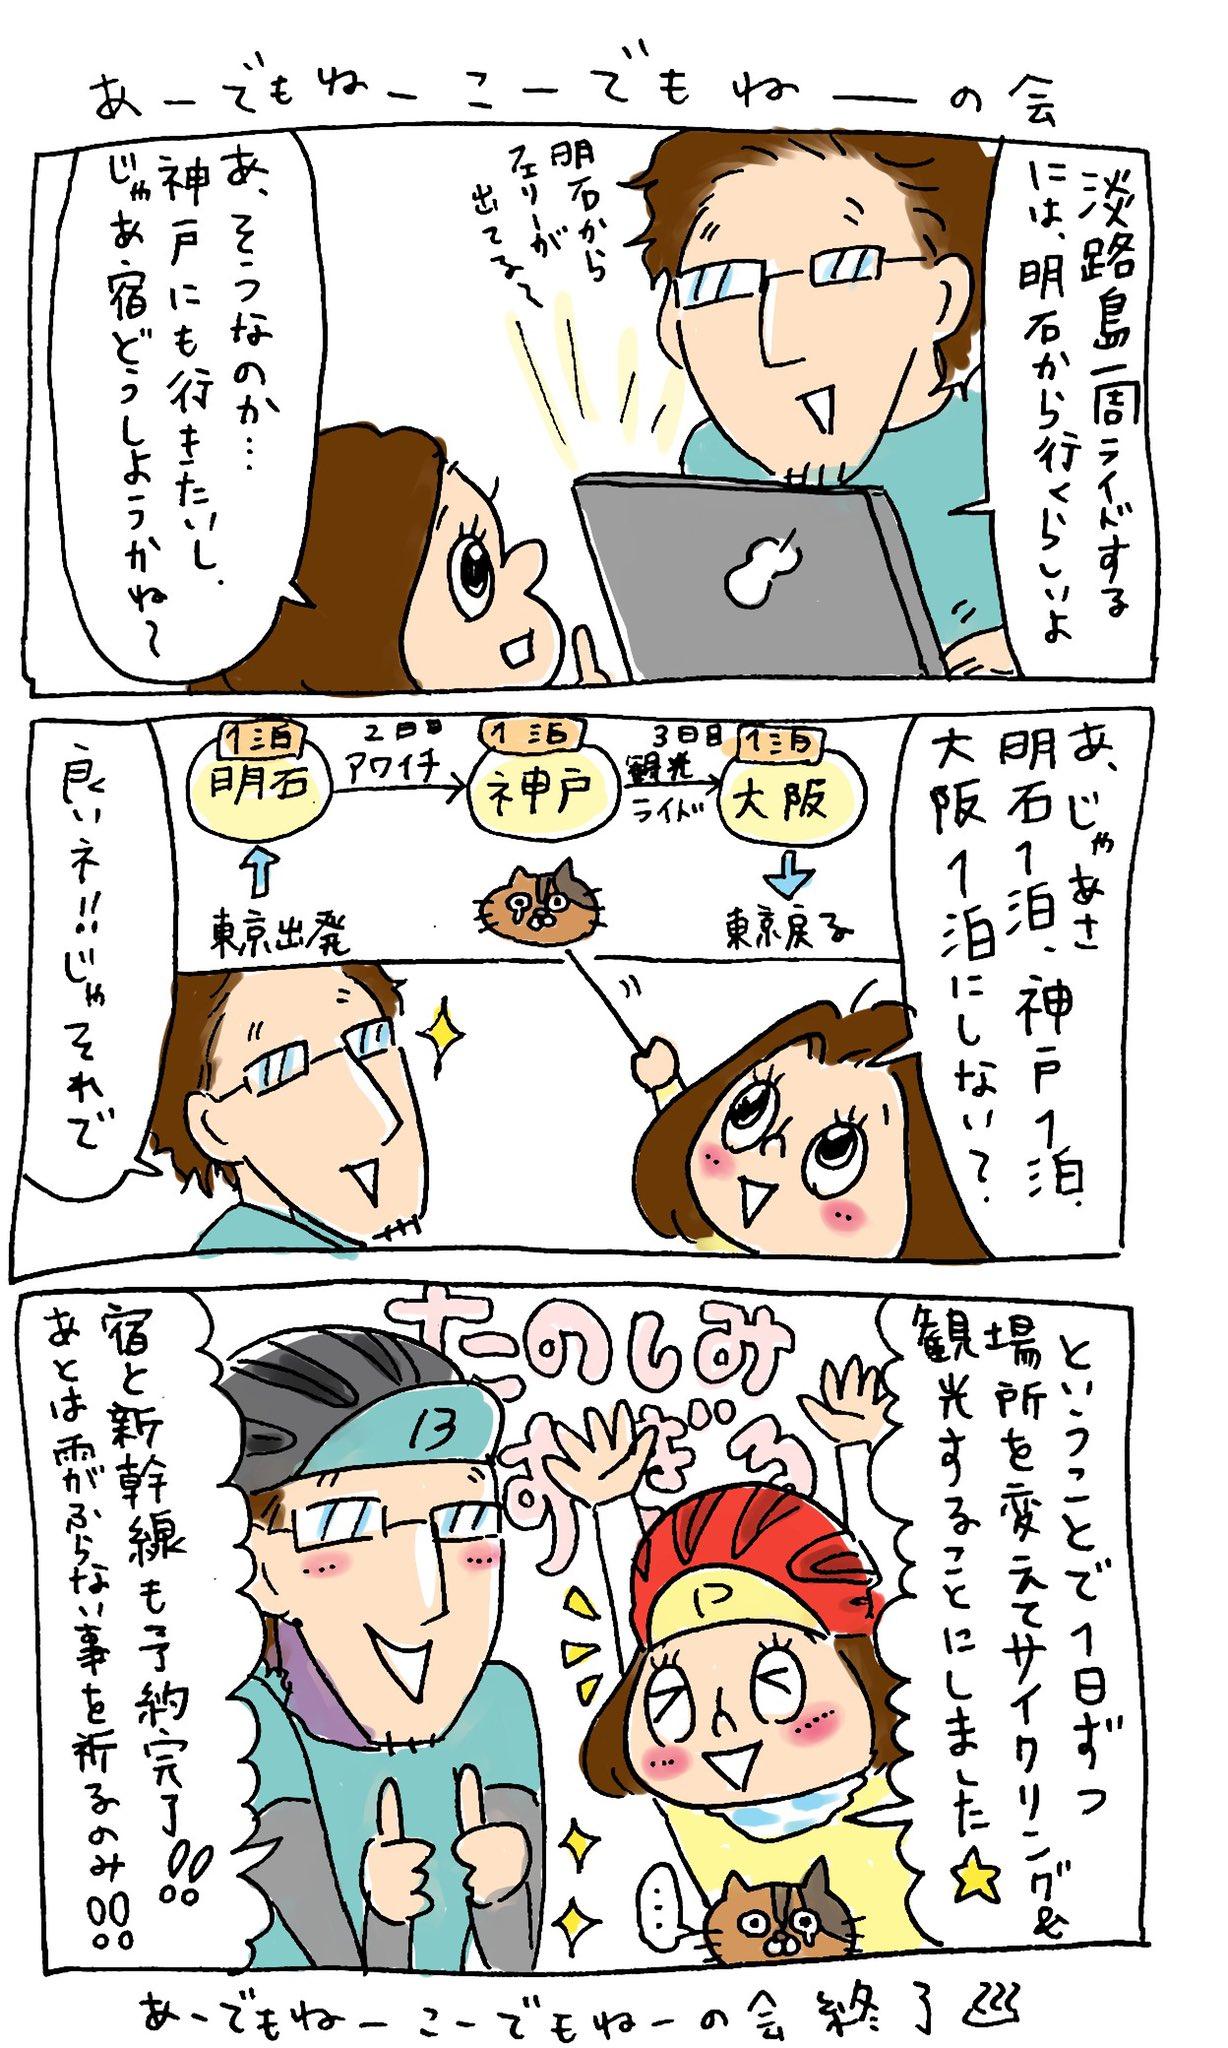 無料四コマ漫画:ドジ嫁を心配する夫